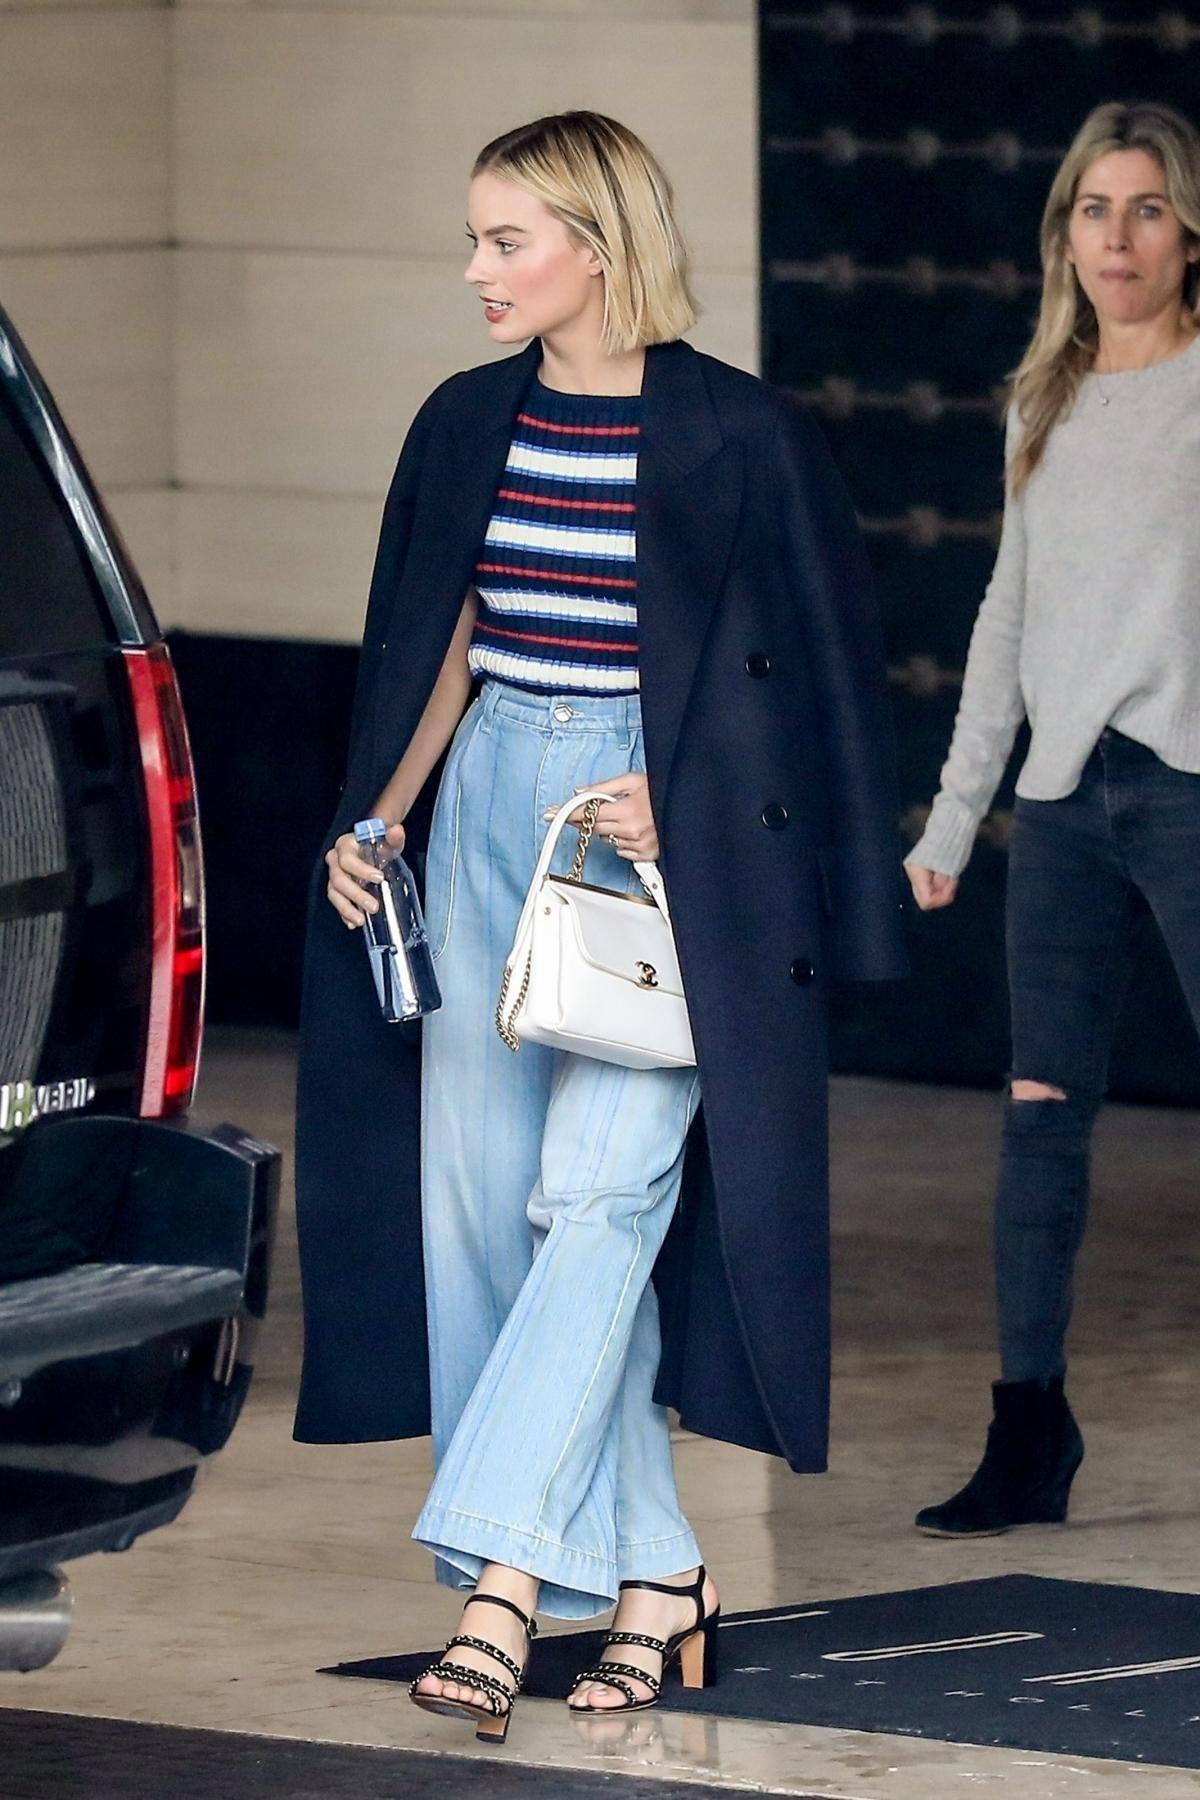 margot robbie mặc áo trench coat xanh navy áo kẻ sọc ngang quần jeans